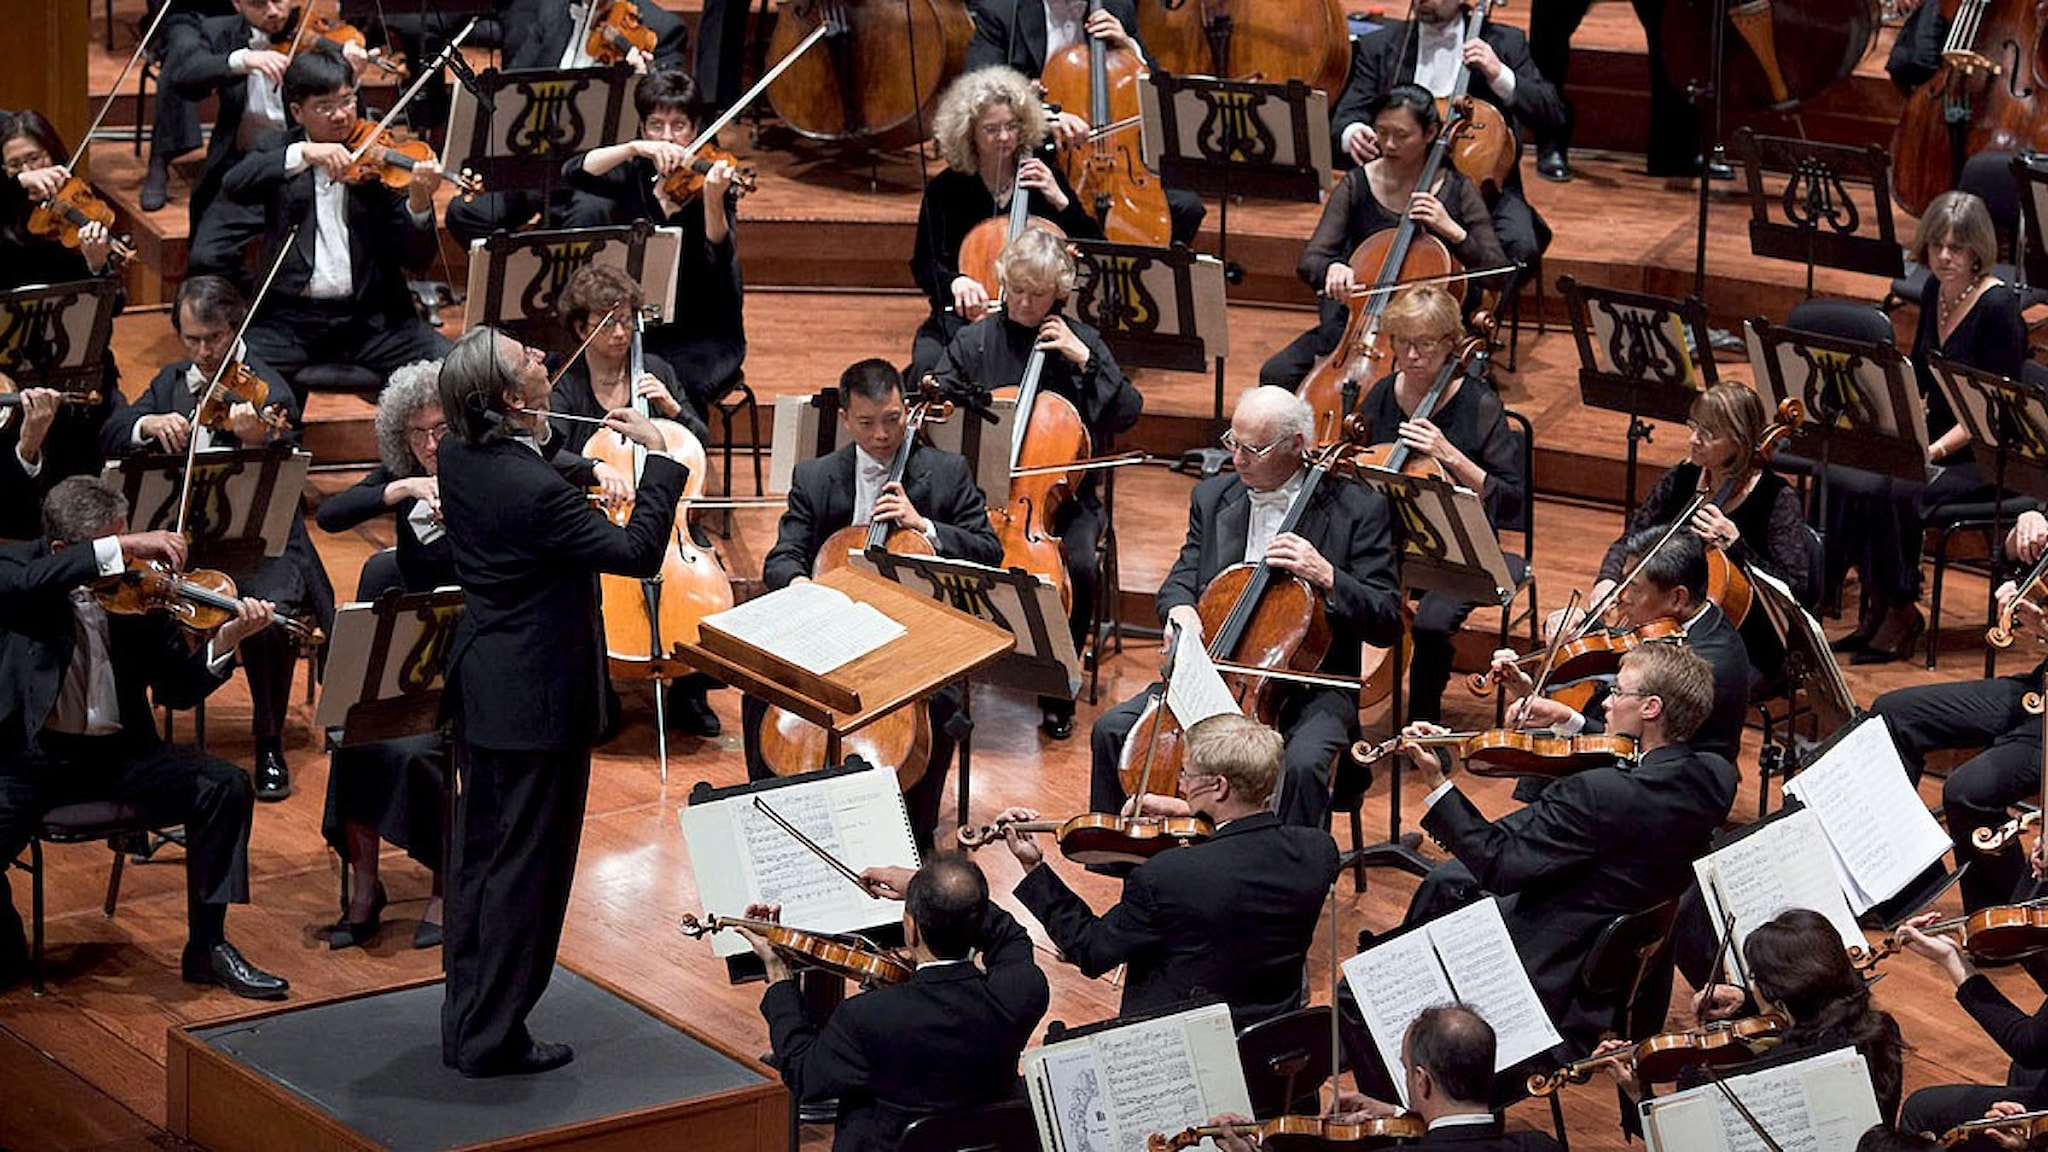 San Franciscos symfoniorkester under ledning av Michael Tilson Thomas. Pressbild/Bill Swerbenski